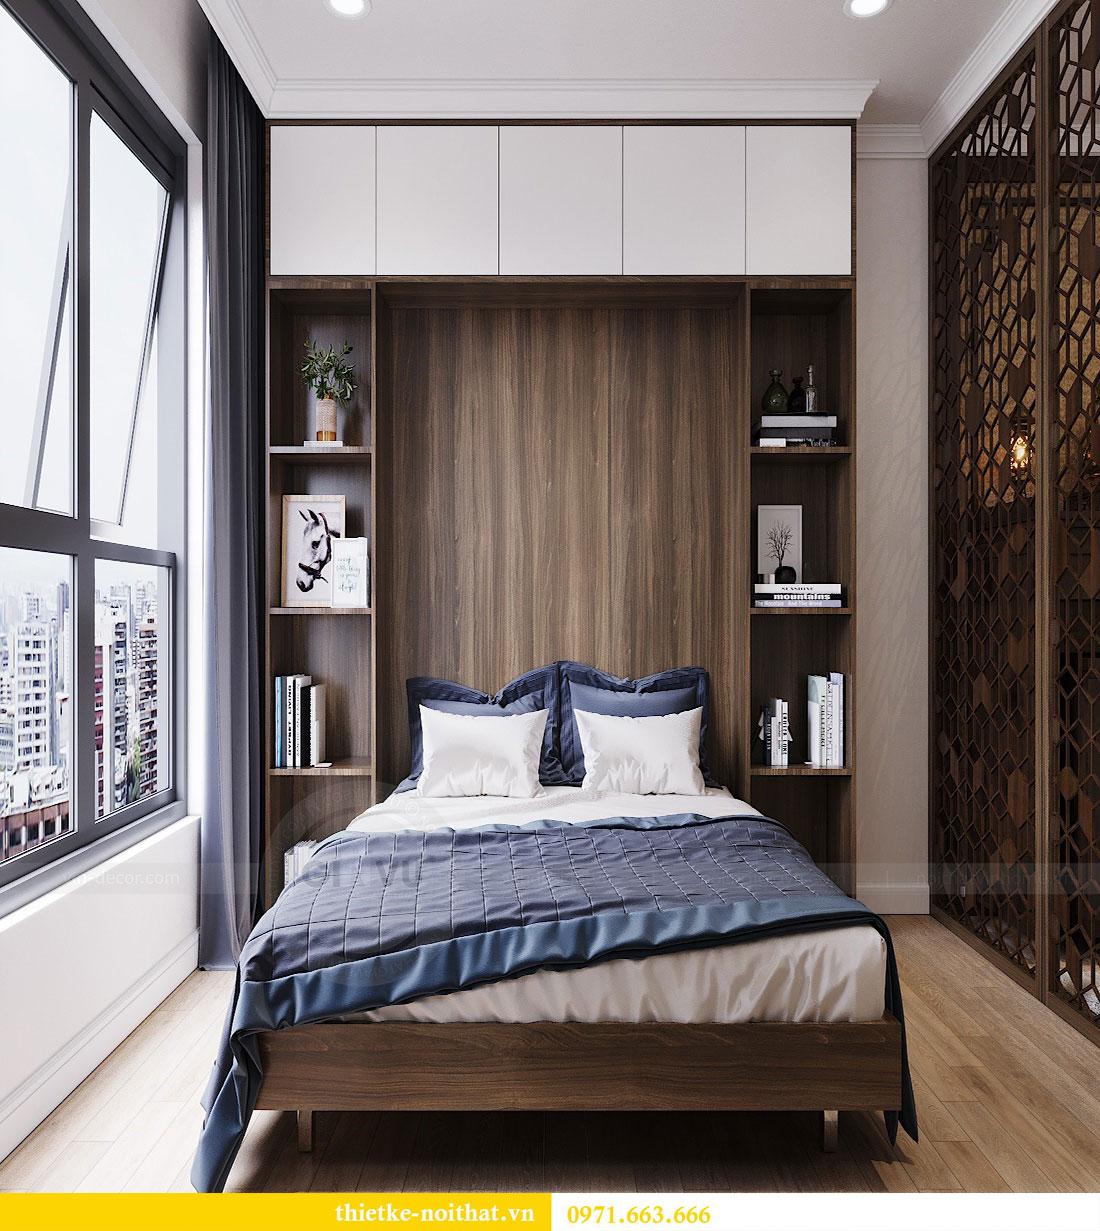 Thiết kế chung cư Seasons Avenue căn 01 tòa S3 - Anh Bách 10